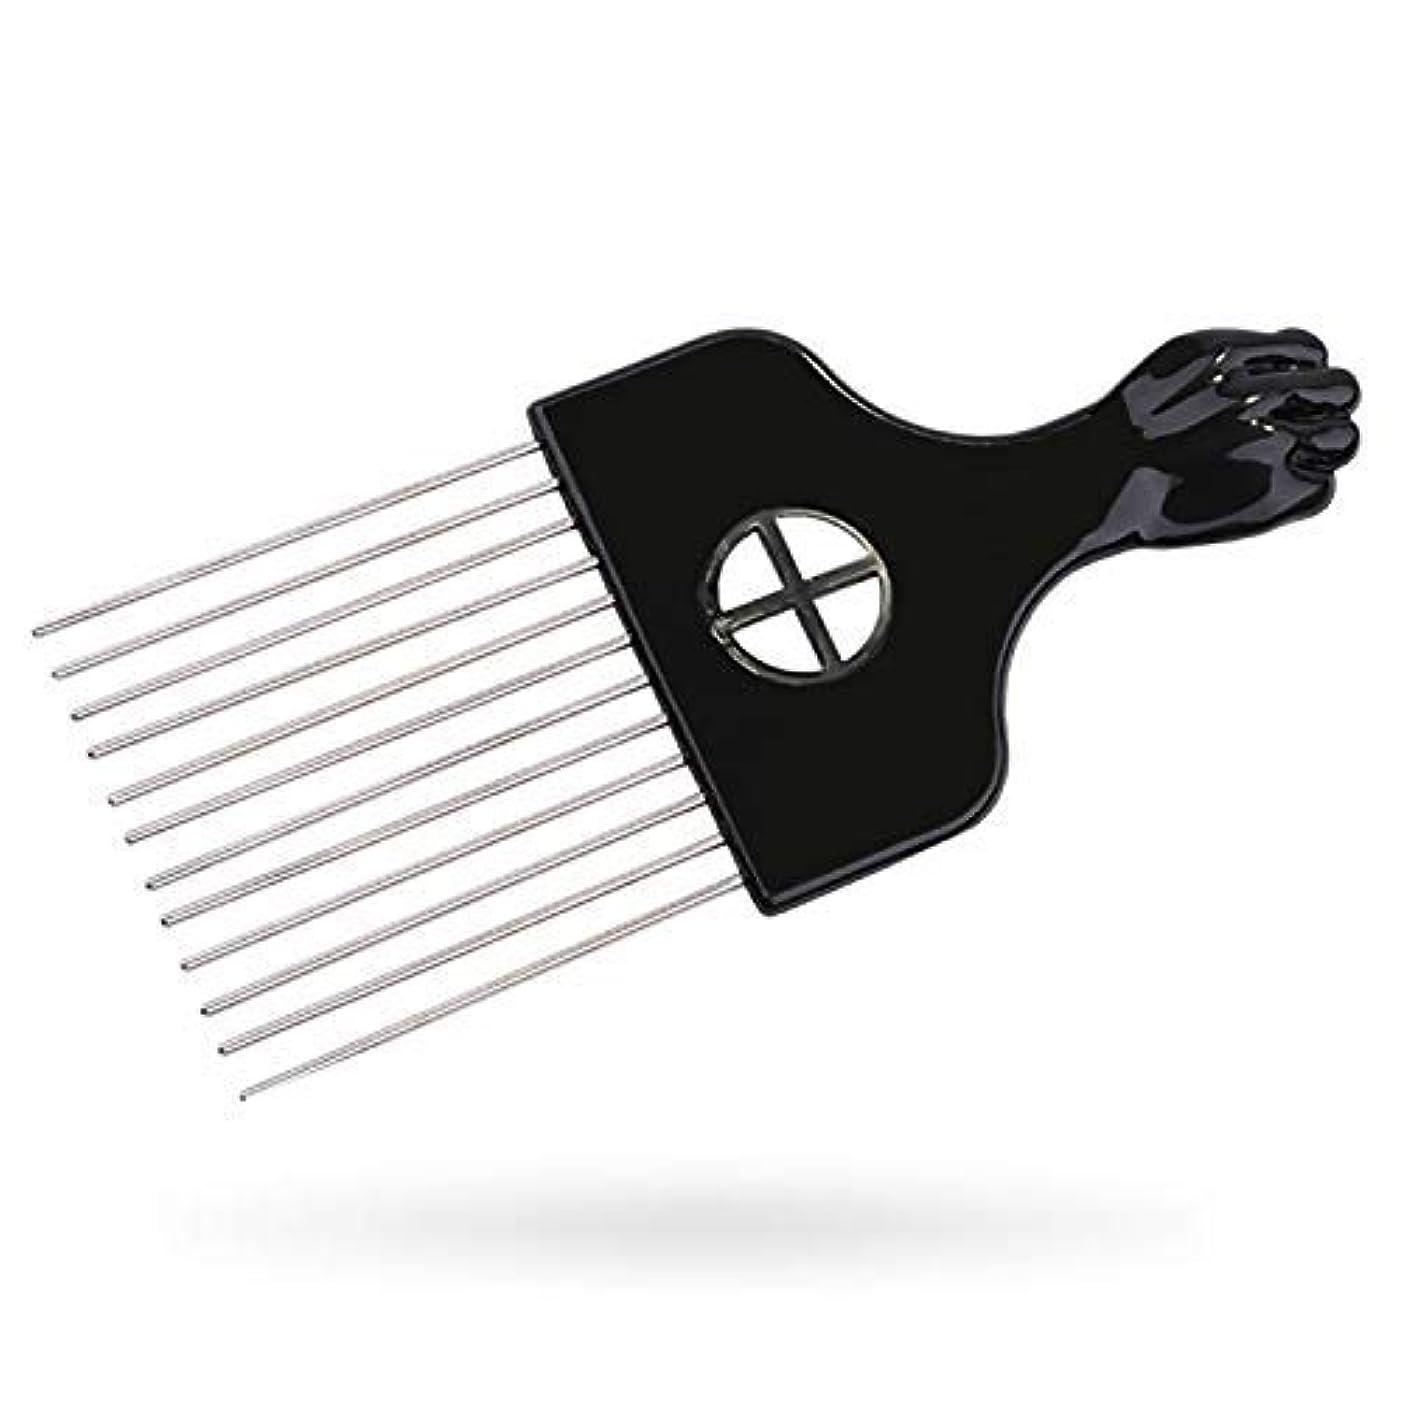 悪行ロッカーズボンAfro Pick, Hair Pick, Metal Pick Comb, Detangle Wig Braid Hair Styling Comb, Hair Brush(1 pack) [並行輸入品]